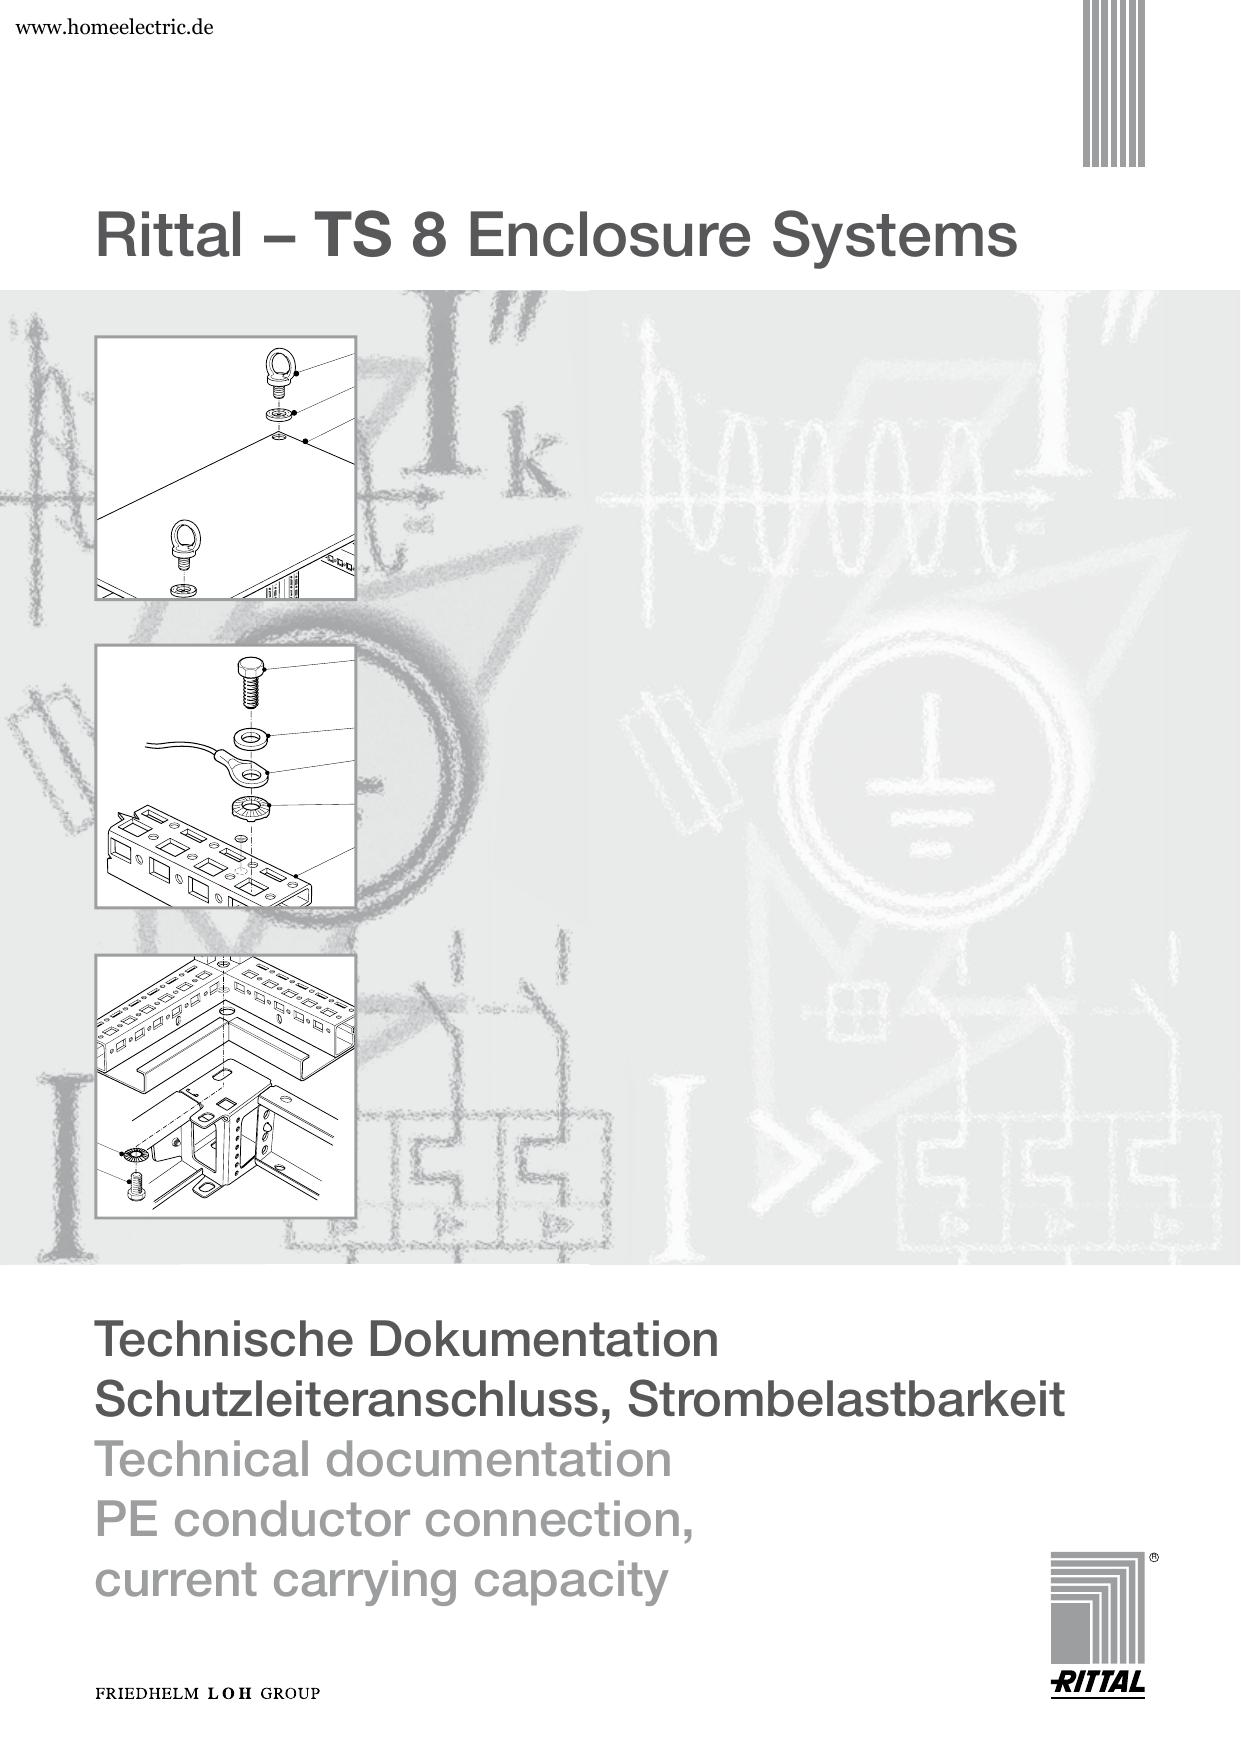 TS 8 Technische Dokumentation Schutzleiteranschluss   Manualzz